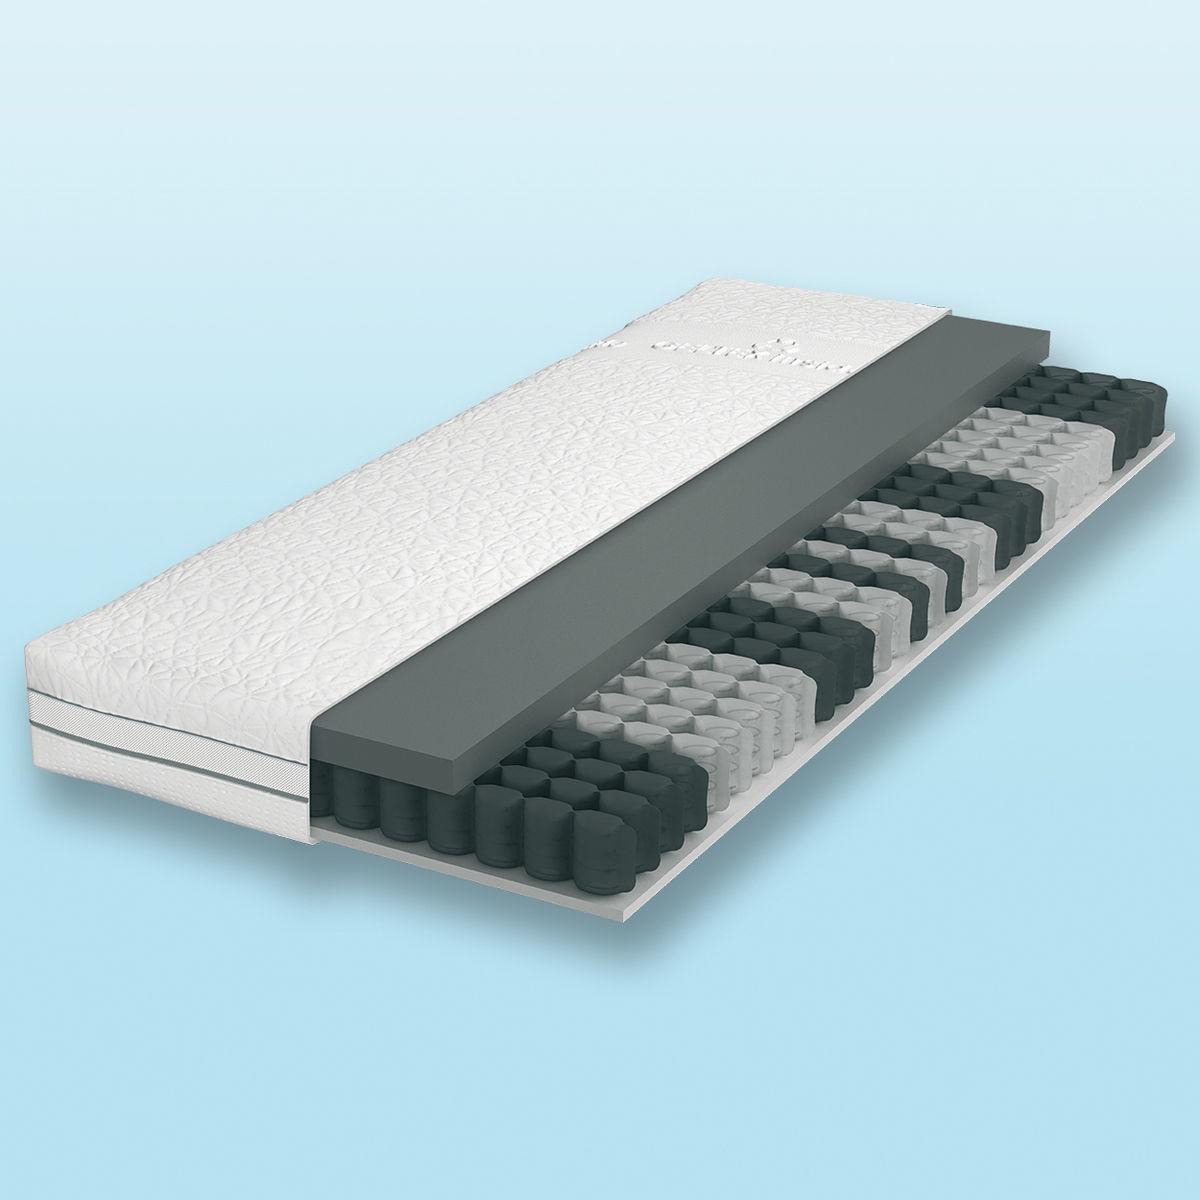 schlaraffia platin 220 geltex inside taschenfederkernmatratze von karstadt ansehen. Black Bedroom Furniture Sets. Home Design Ideas